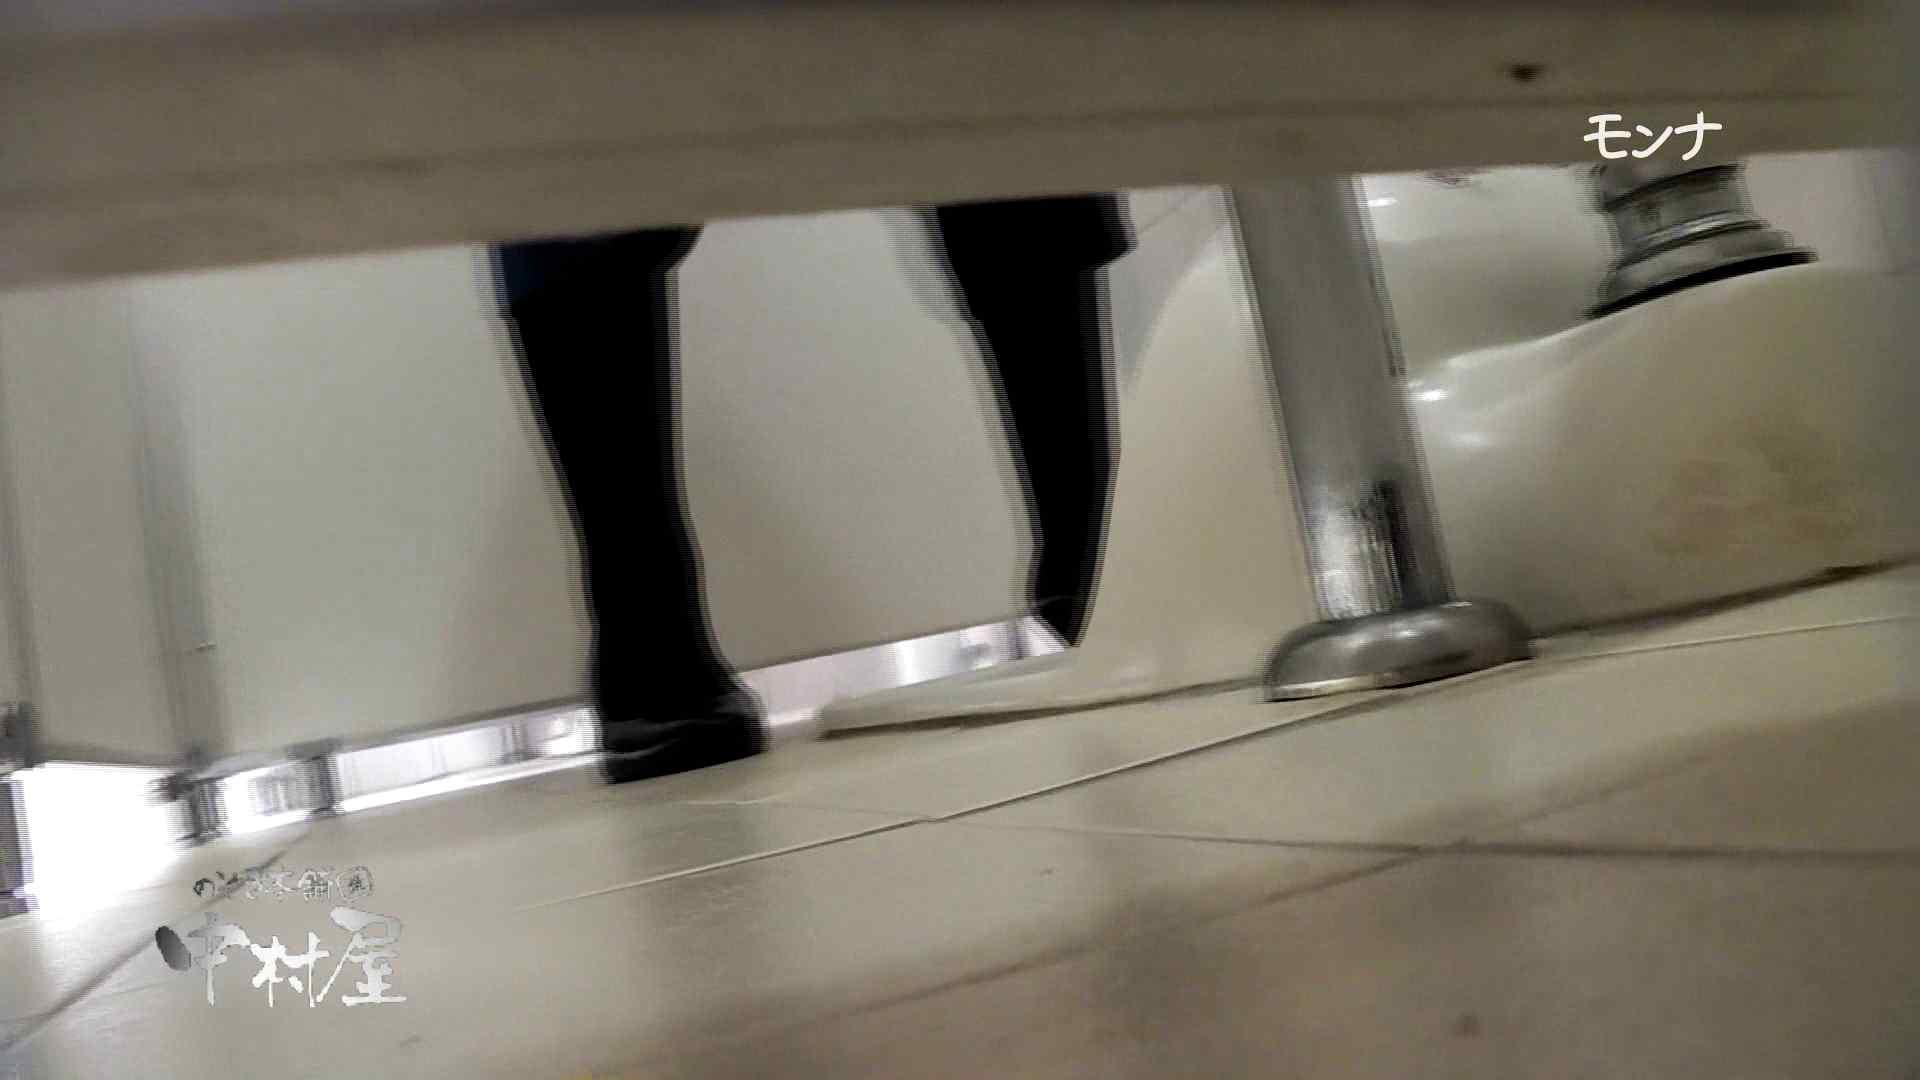 【美しい日本の未来】新学期!!下半身中心に攻めてます美女可愛い女子悪戯盗satuトイレ後編 美女すけべ画像 盗撮動画紹介 25連発 22